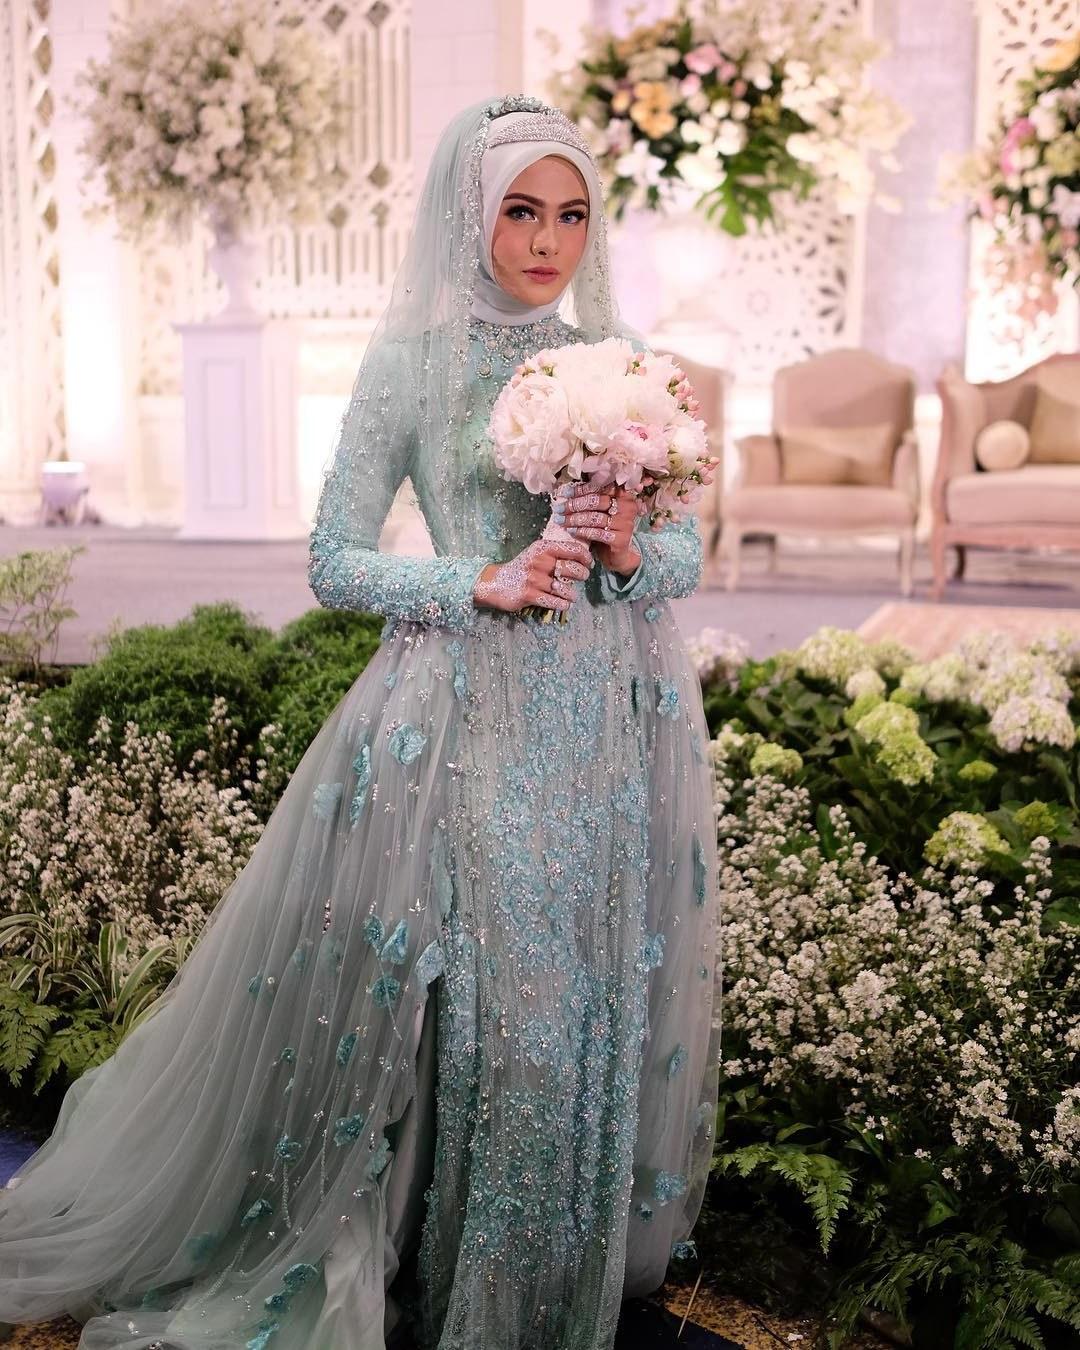 Ide Gaun Pengantin Muslimah Yang Syar'i Txdf 50 Model Baju Pengantin Muslim Modern Terbaru Berikut